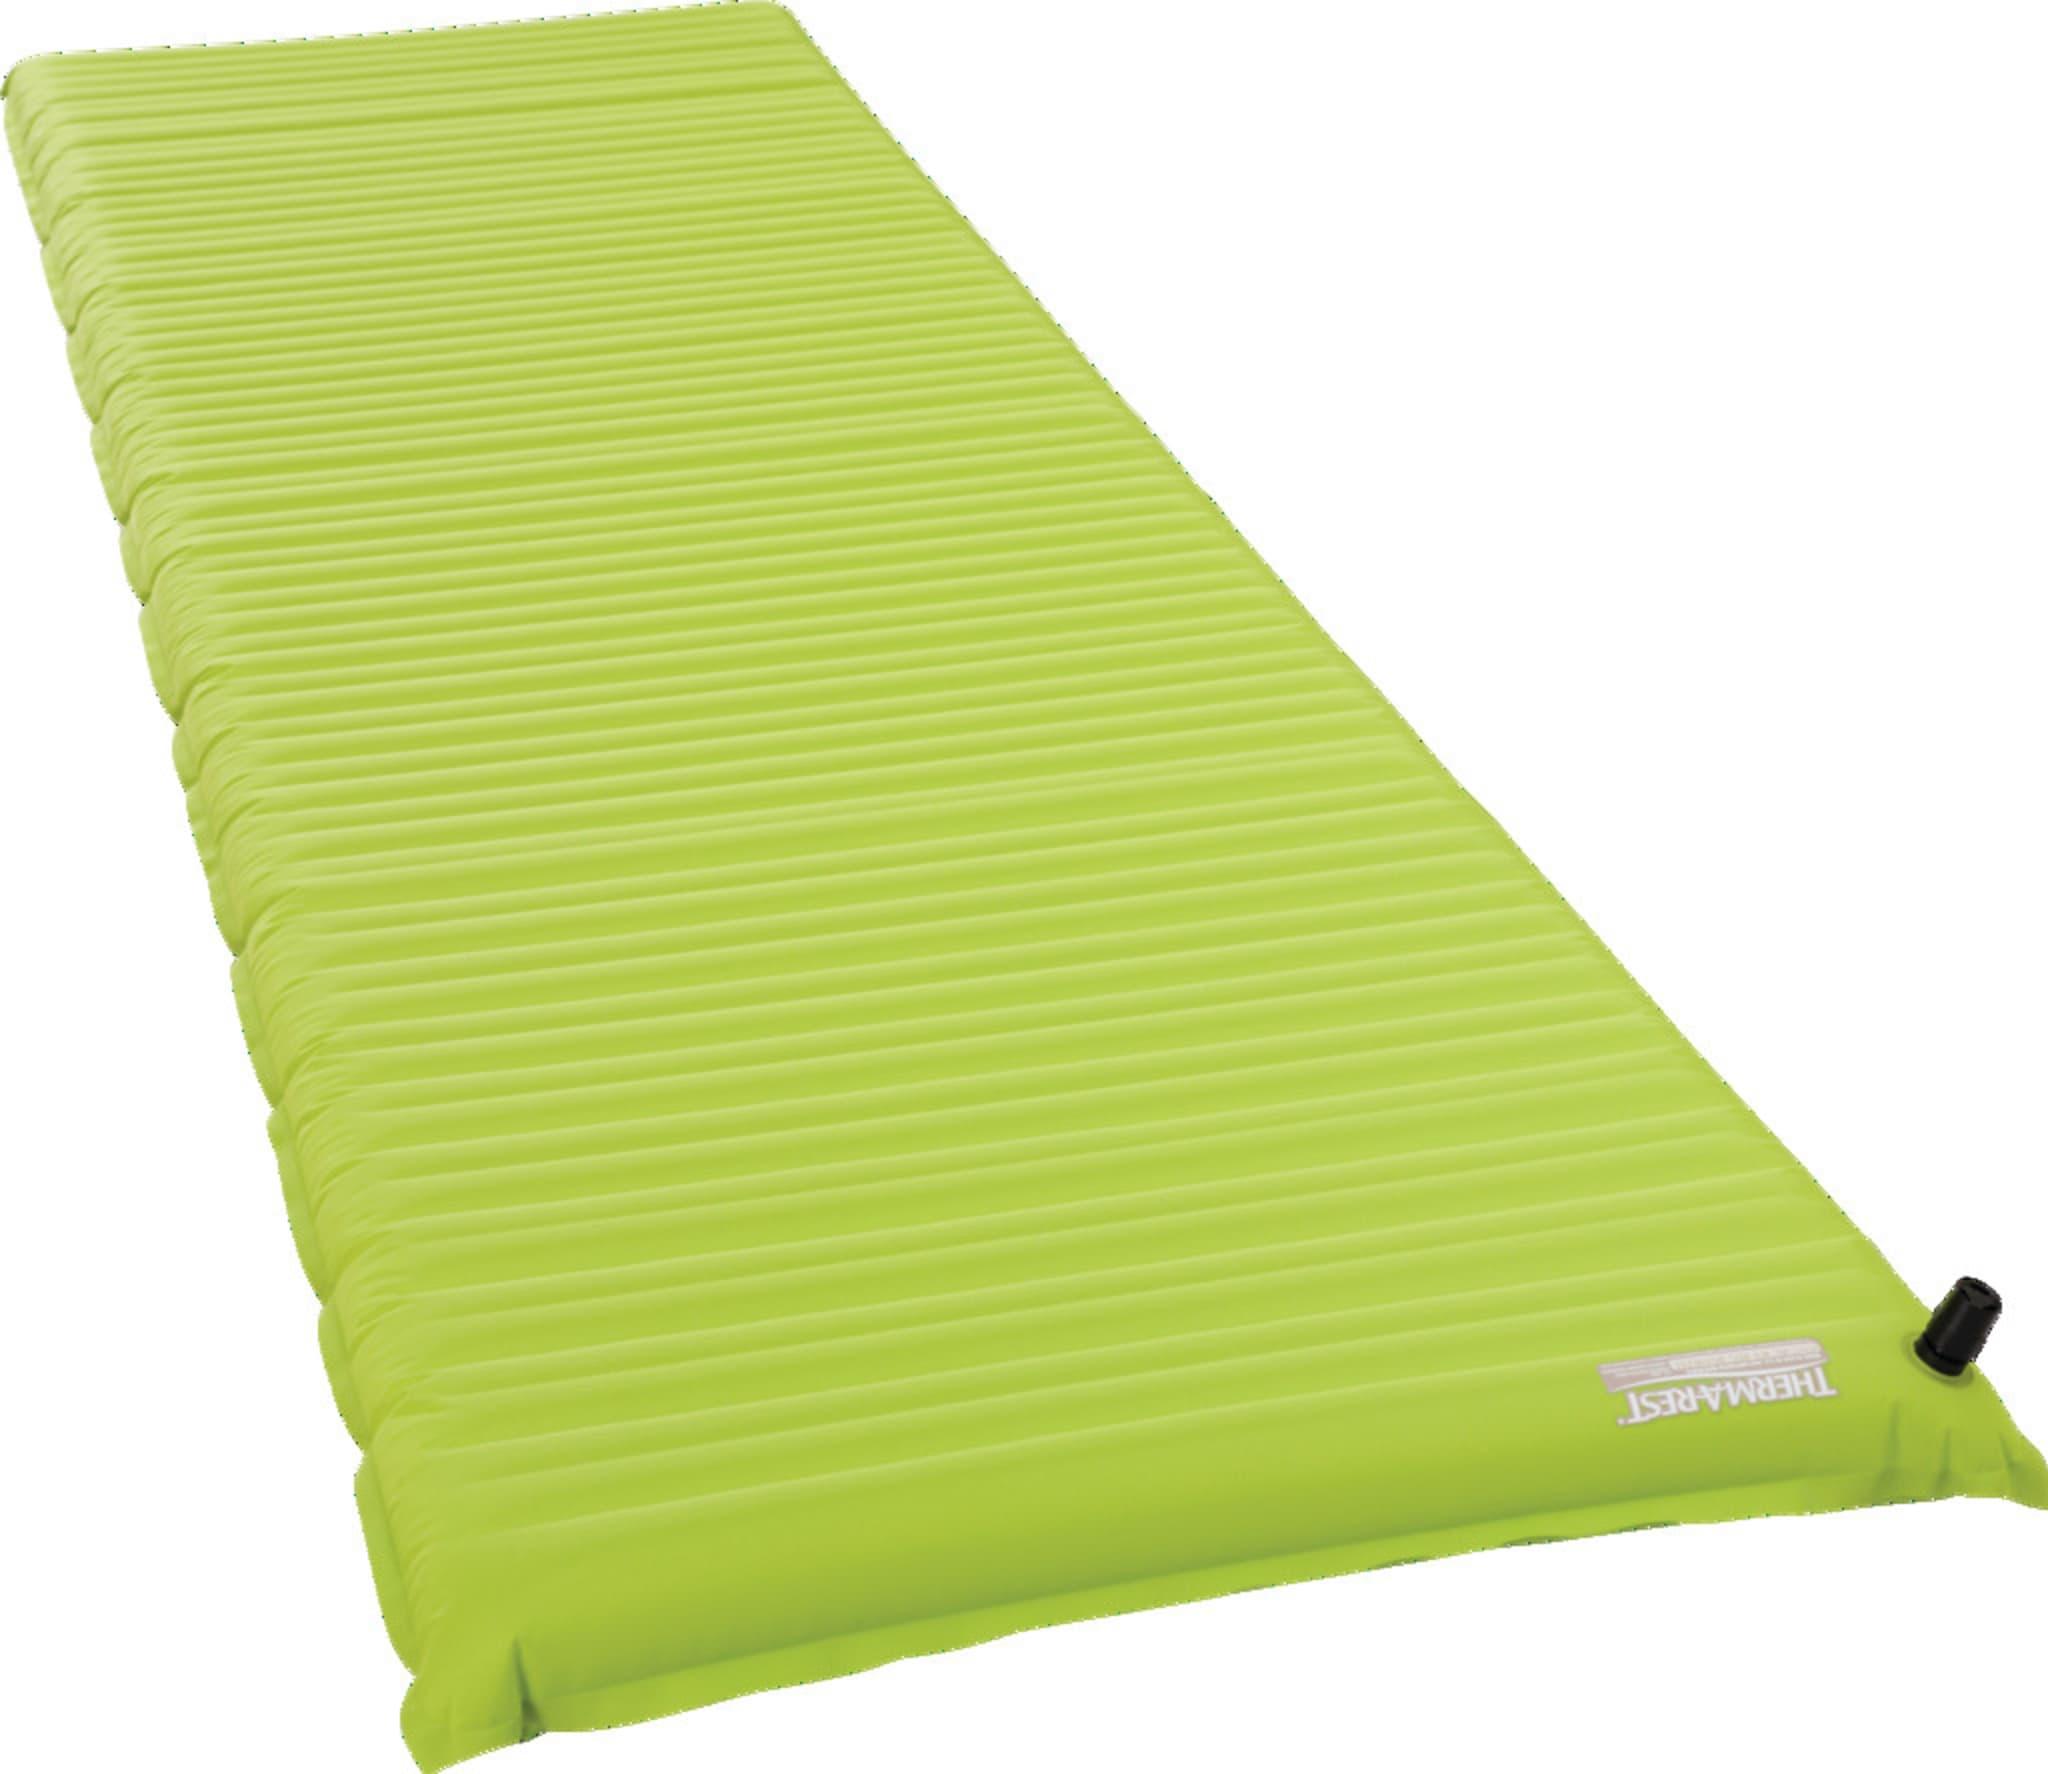 Lett og kompakt liggeunderlag